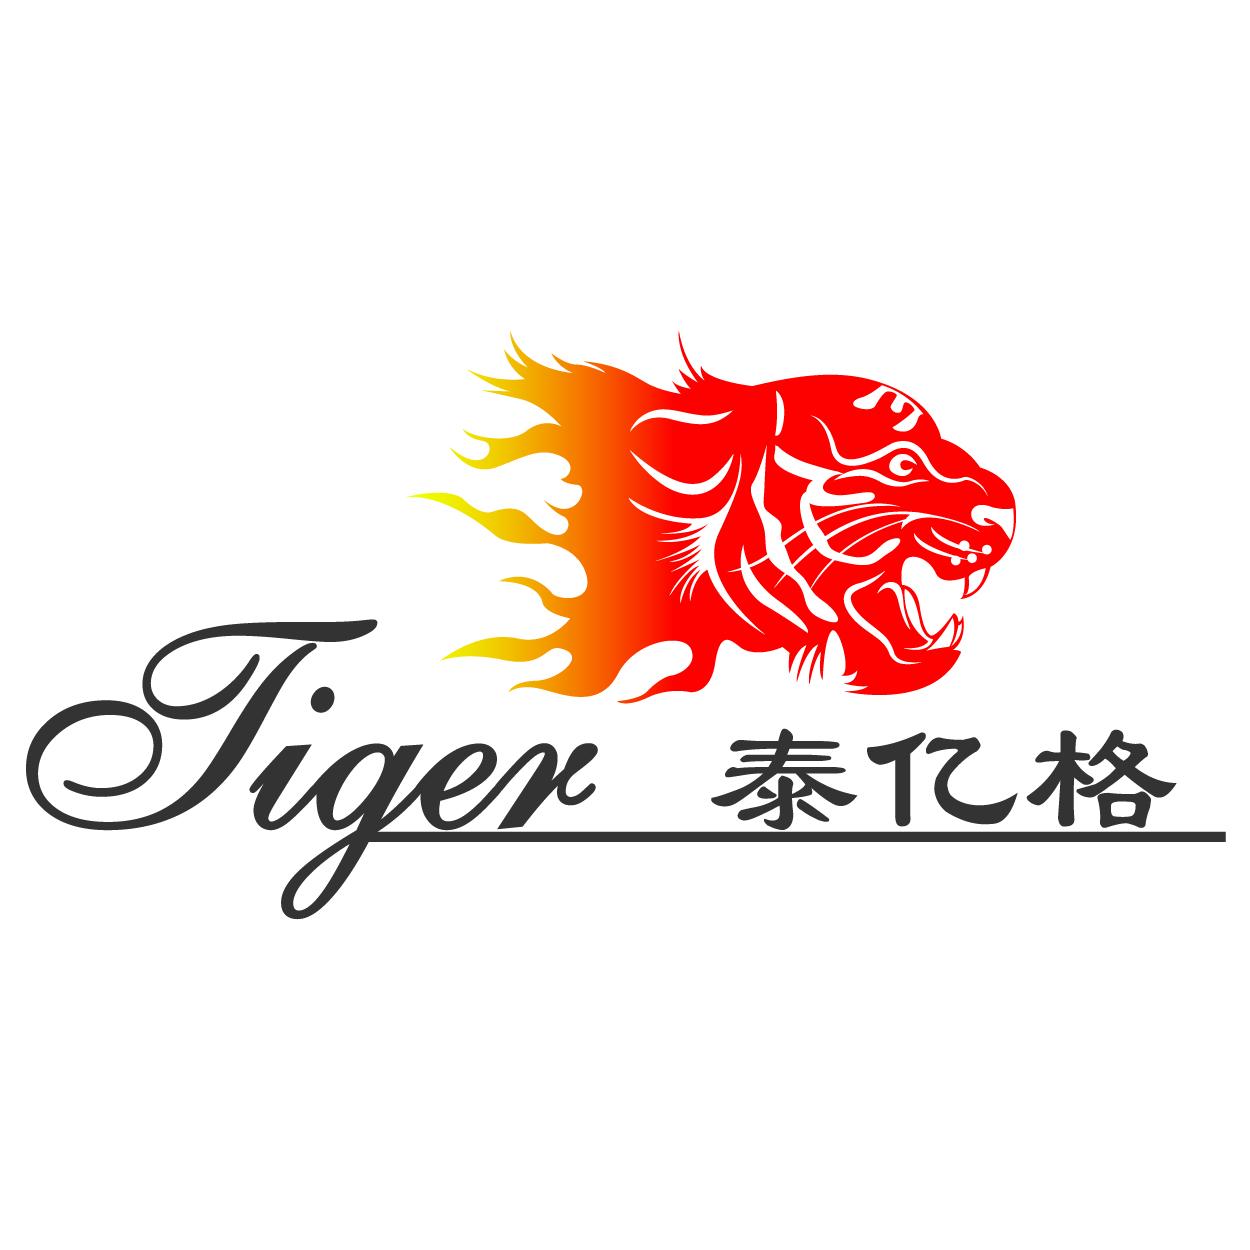 上海泰亿格康复医疗科技股份有限公司